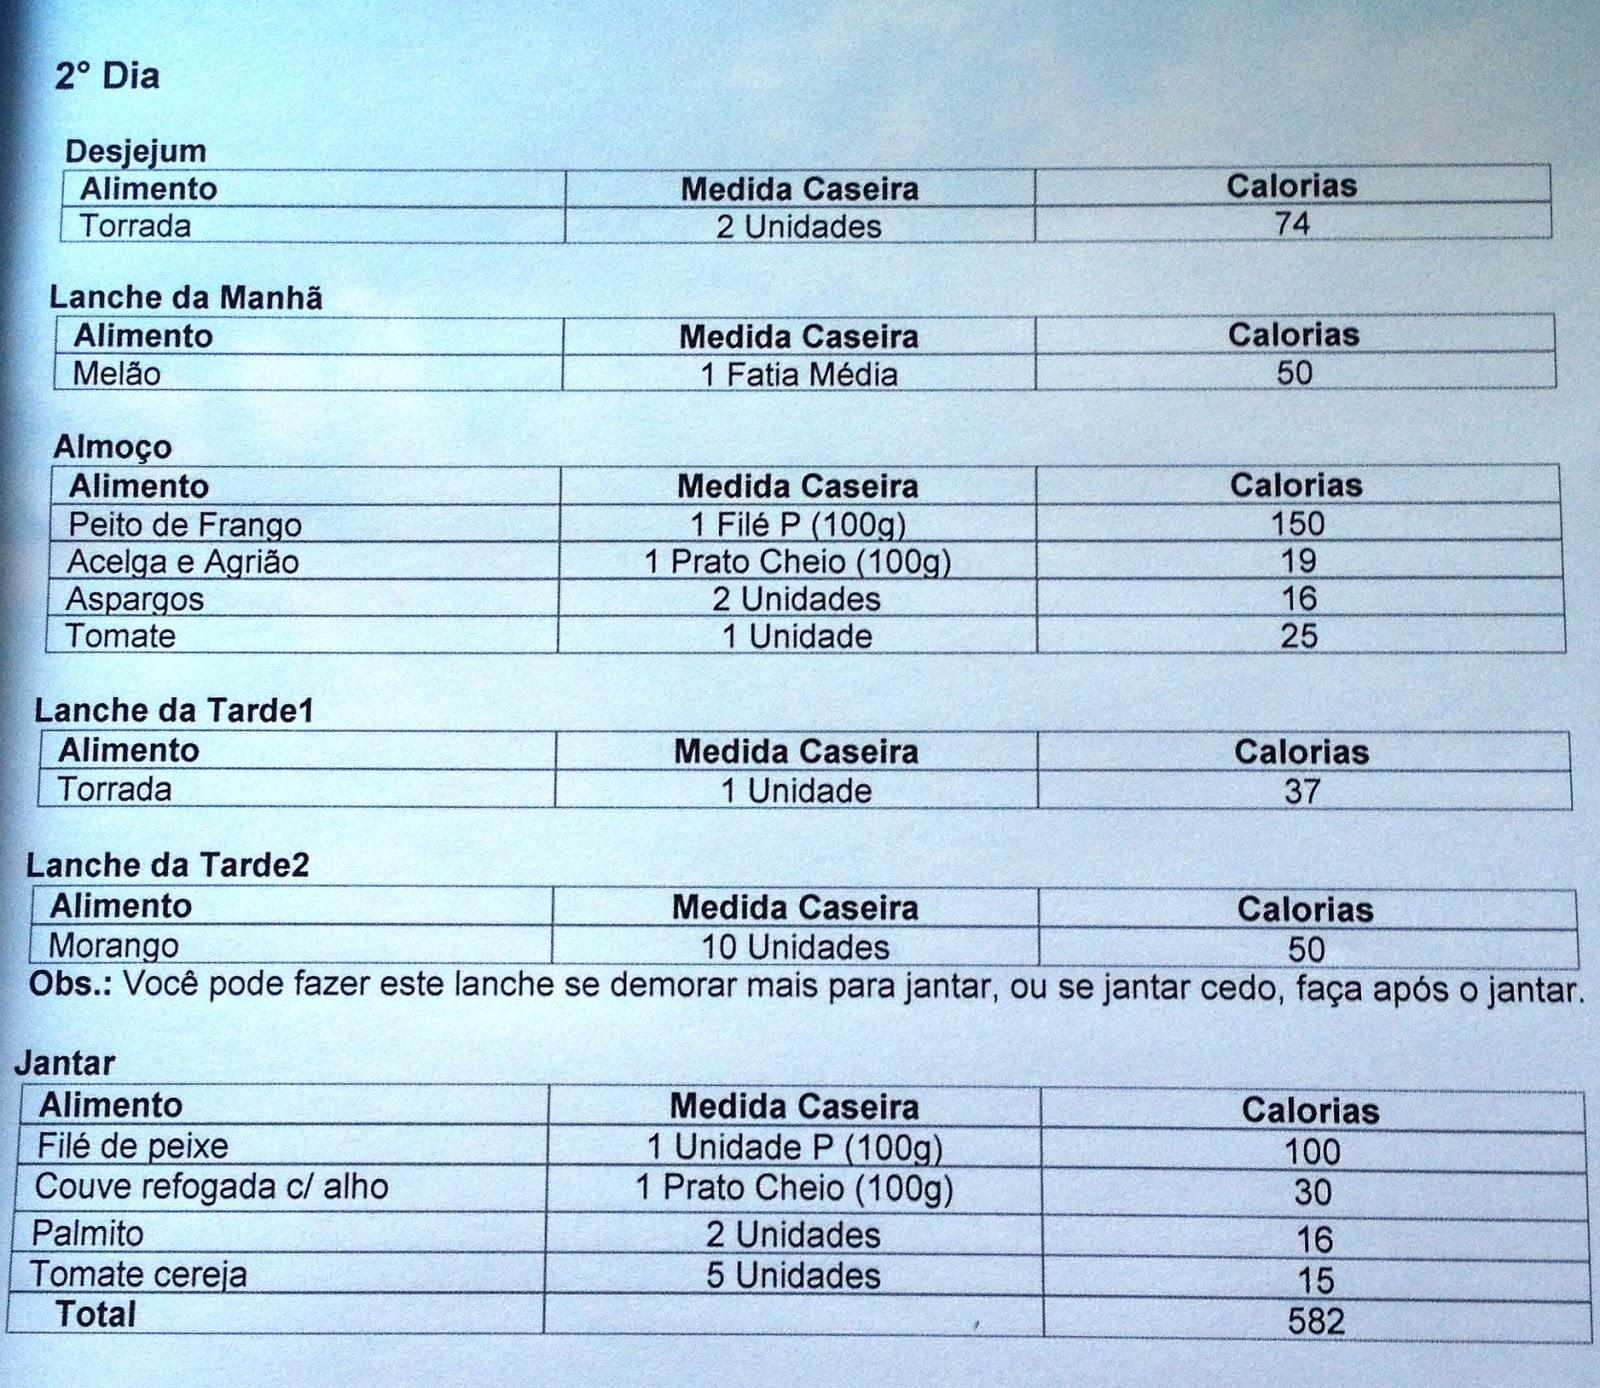 Famosos O GATO DO BALAIO: DIA 2- DIETA DAS 600 CALORIAS XY58